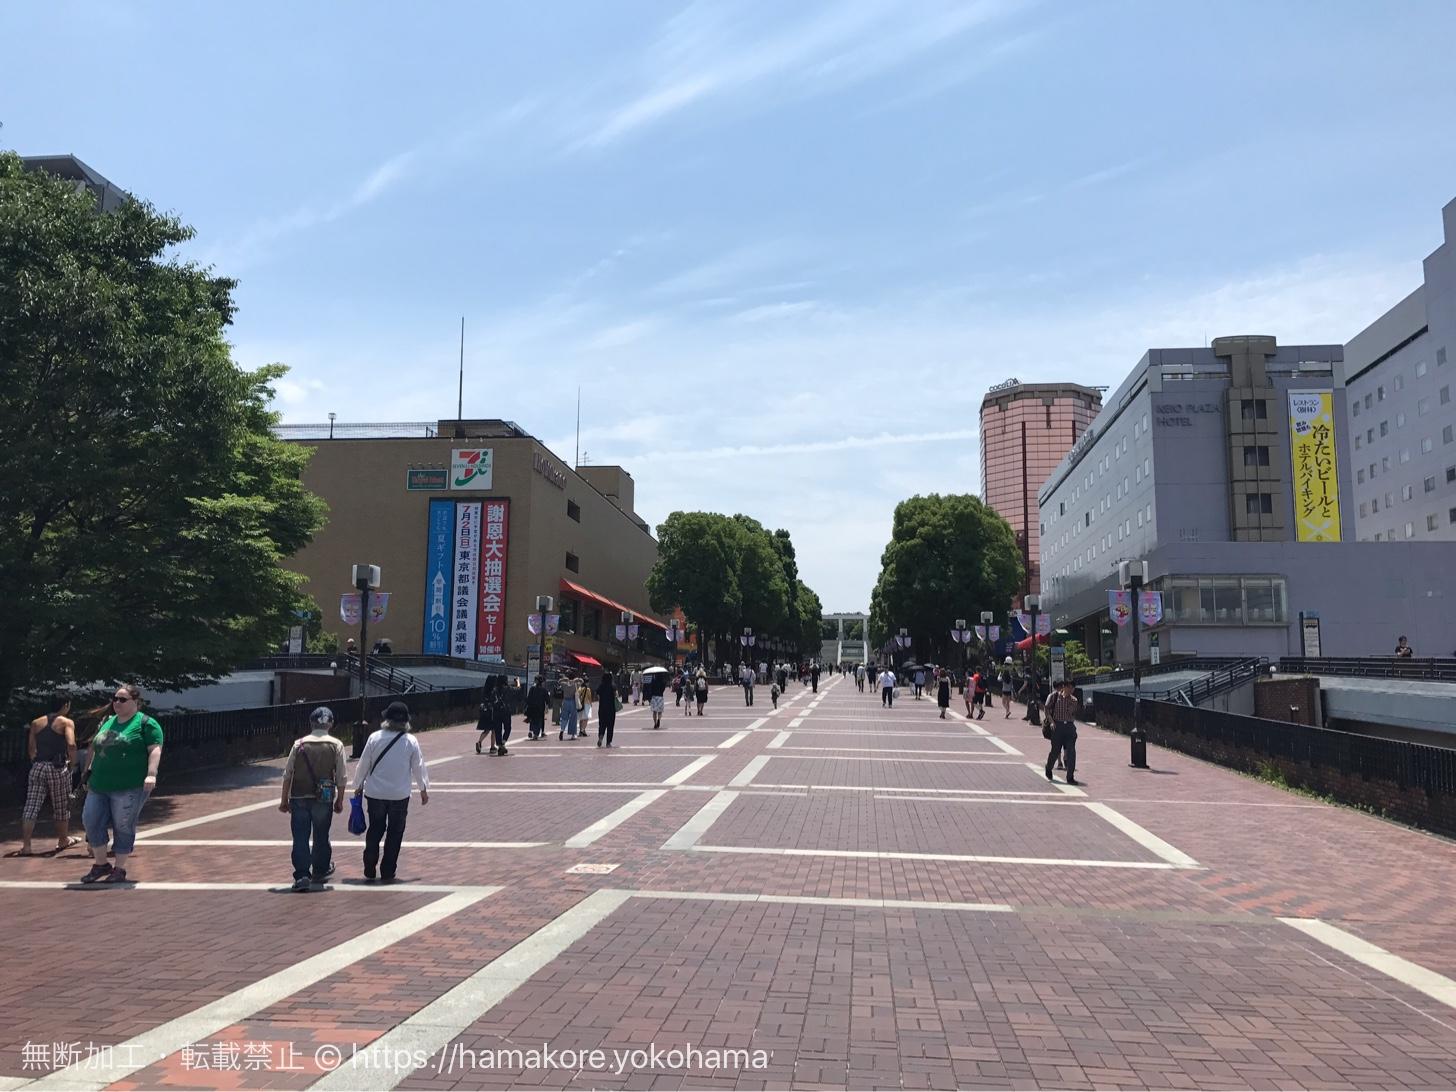 京王多摩センター駅 街並み